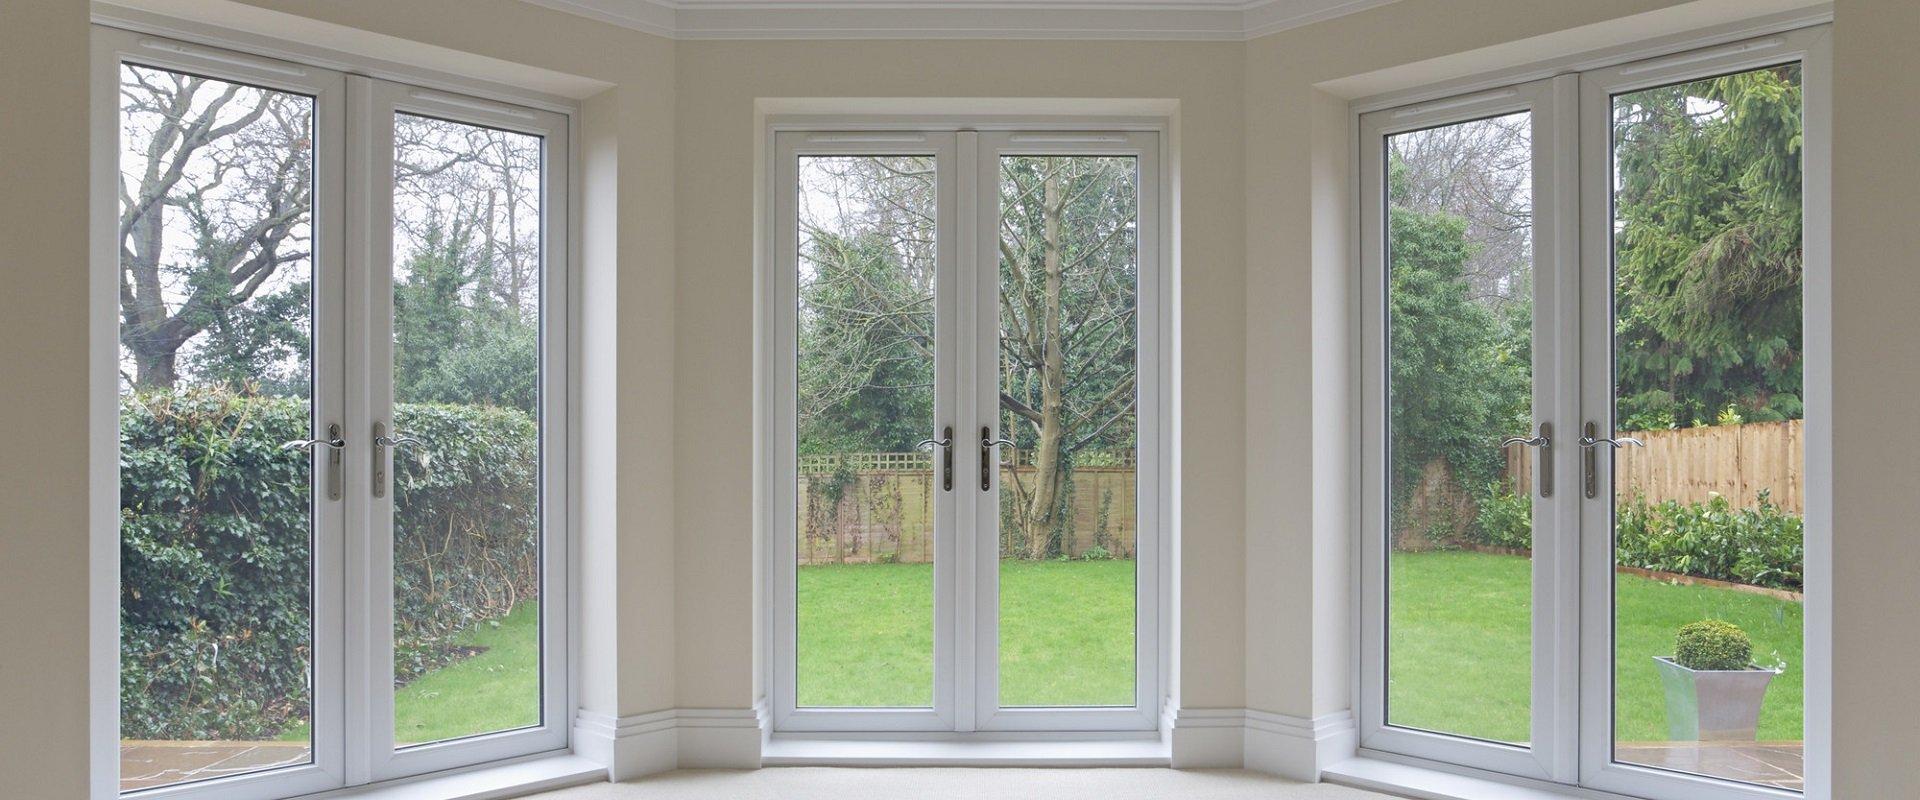 Door installation by elite upvc in larne for Upvc french doors northern ireland